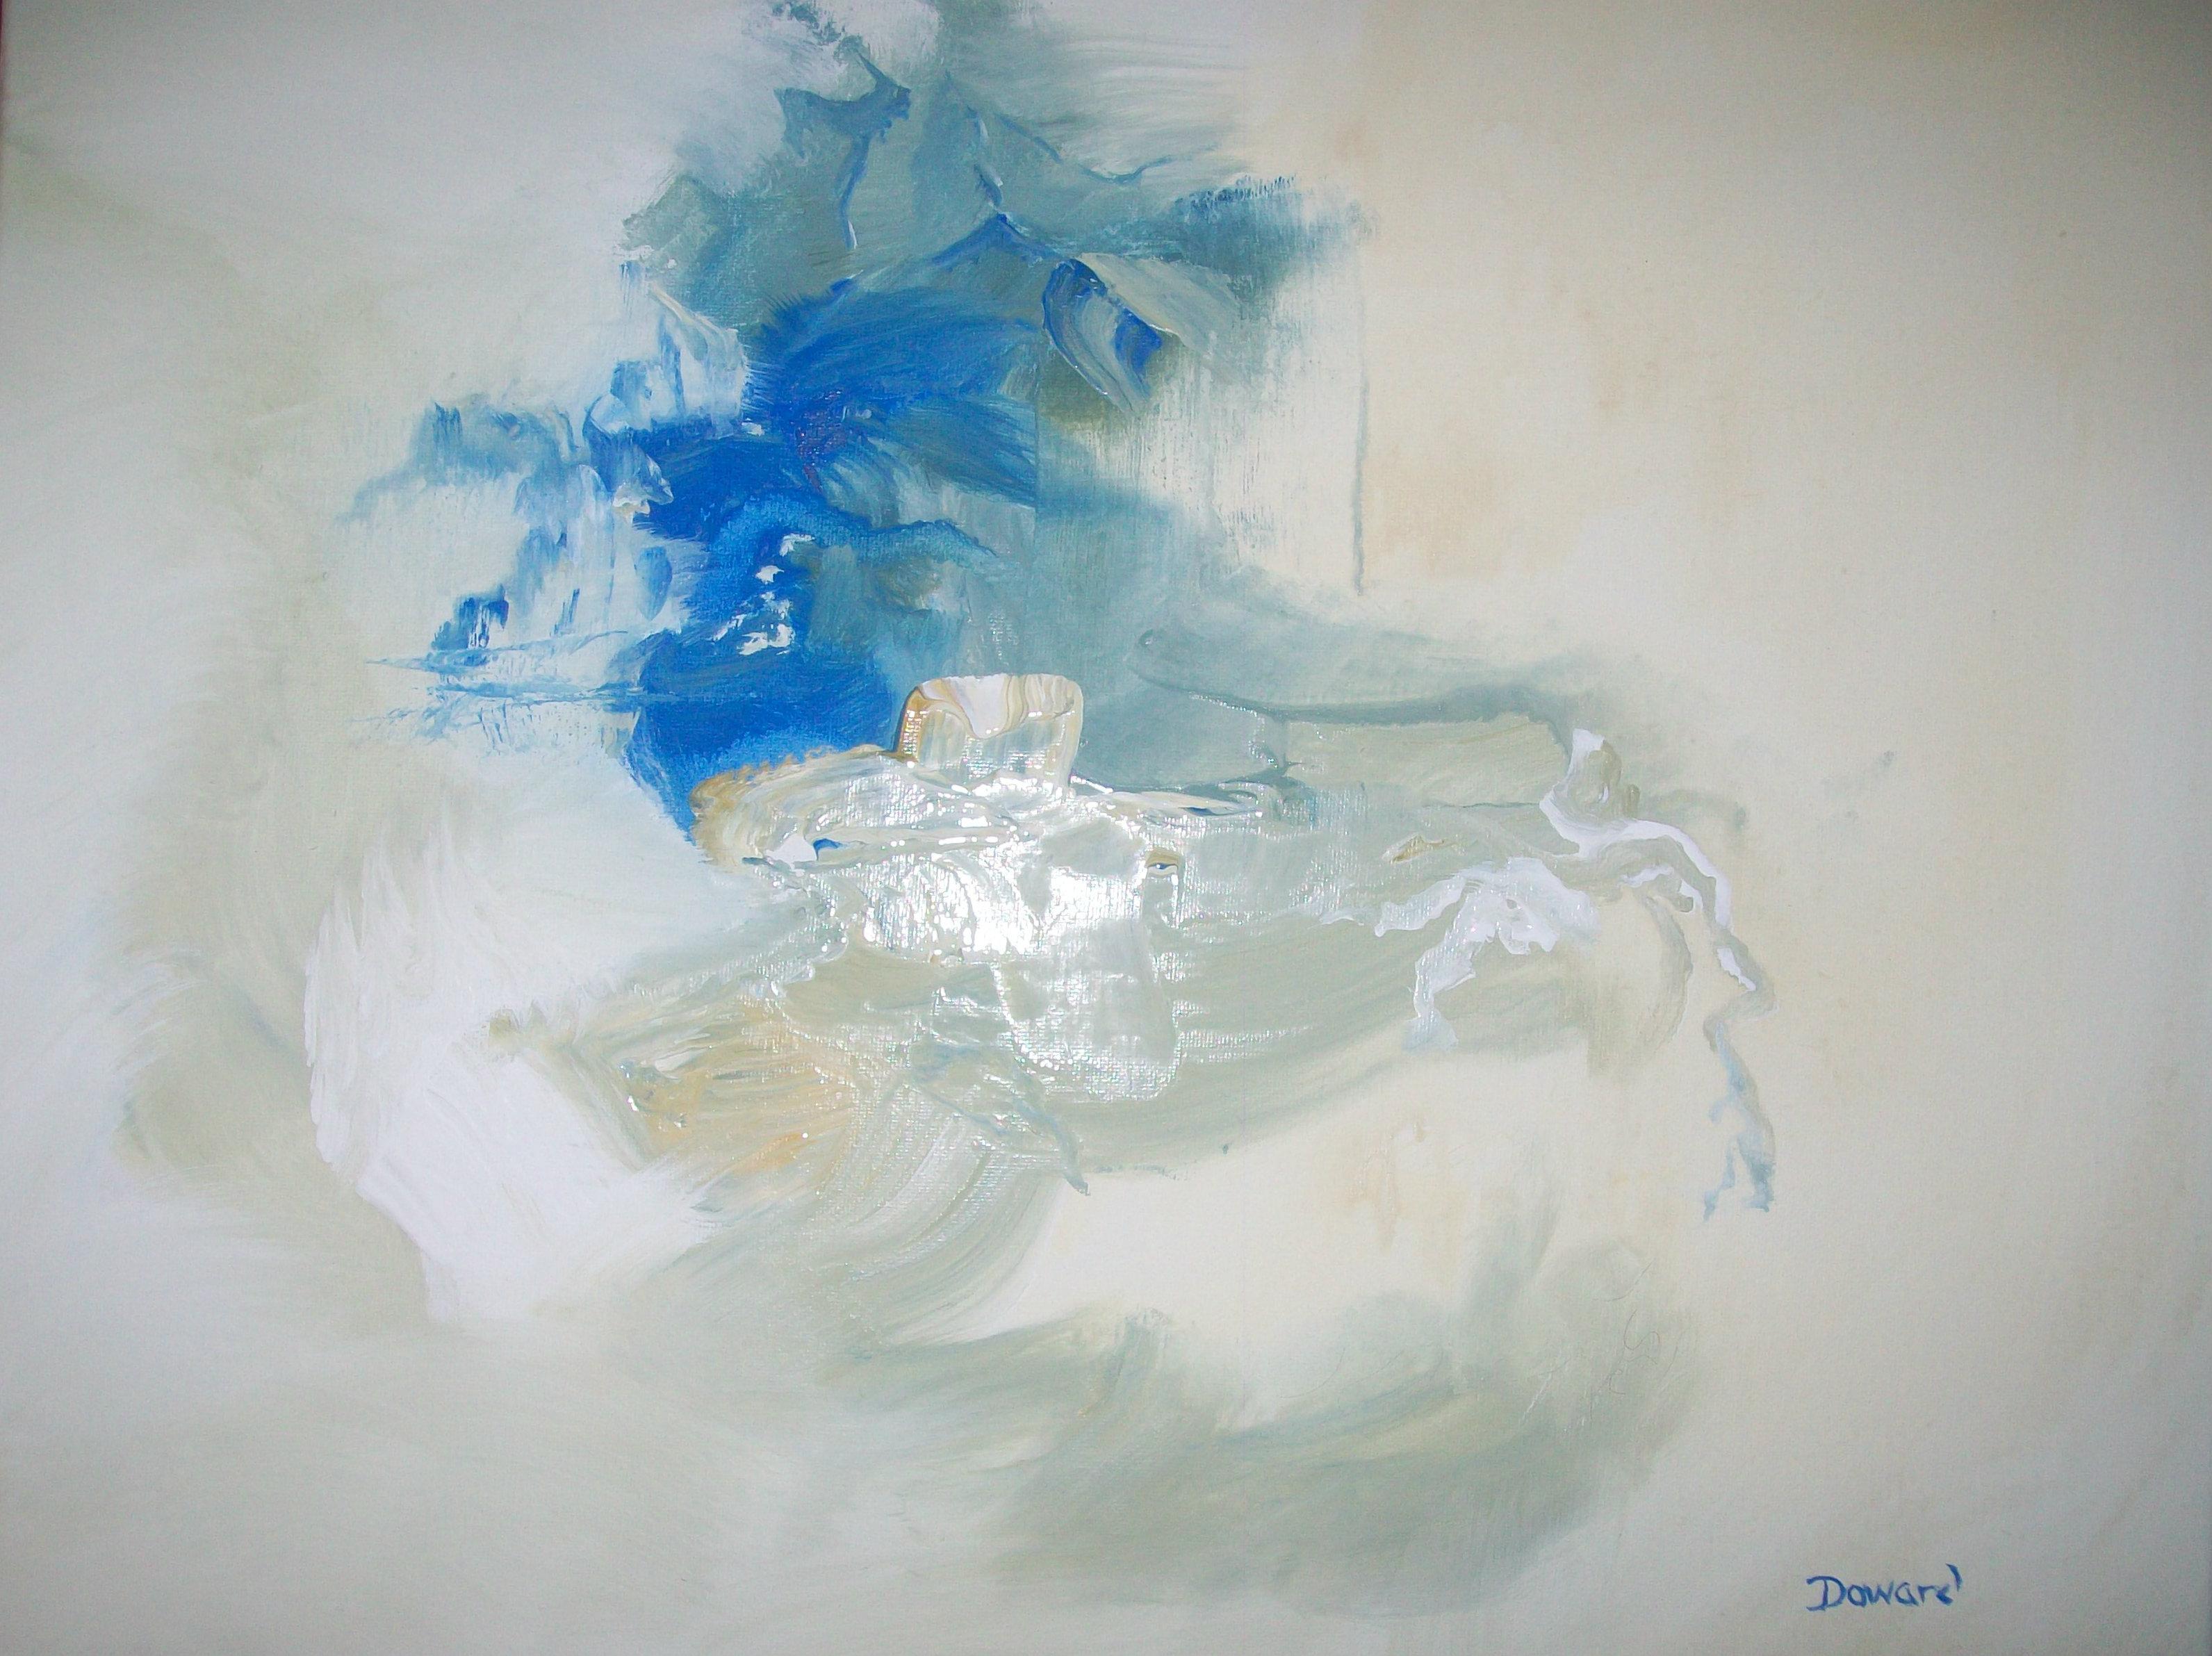 landscape painting essay